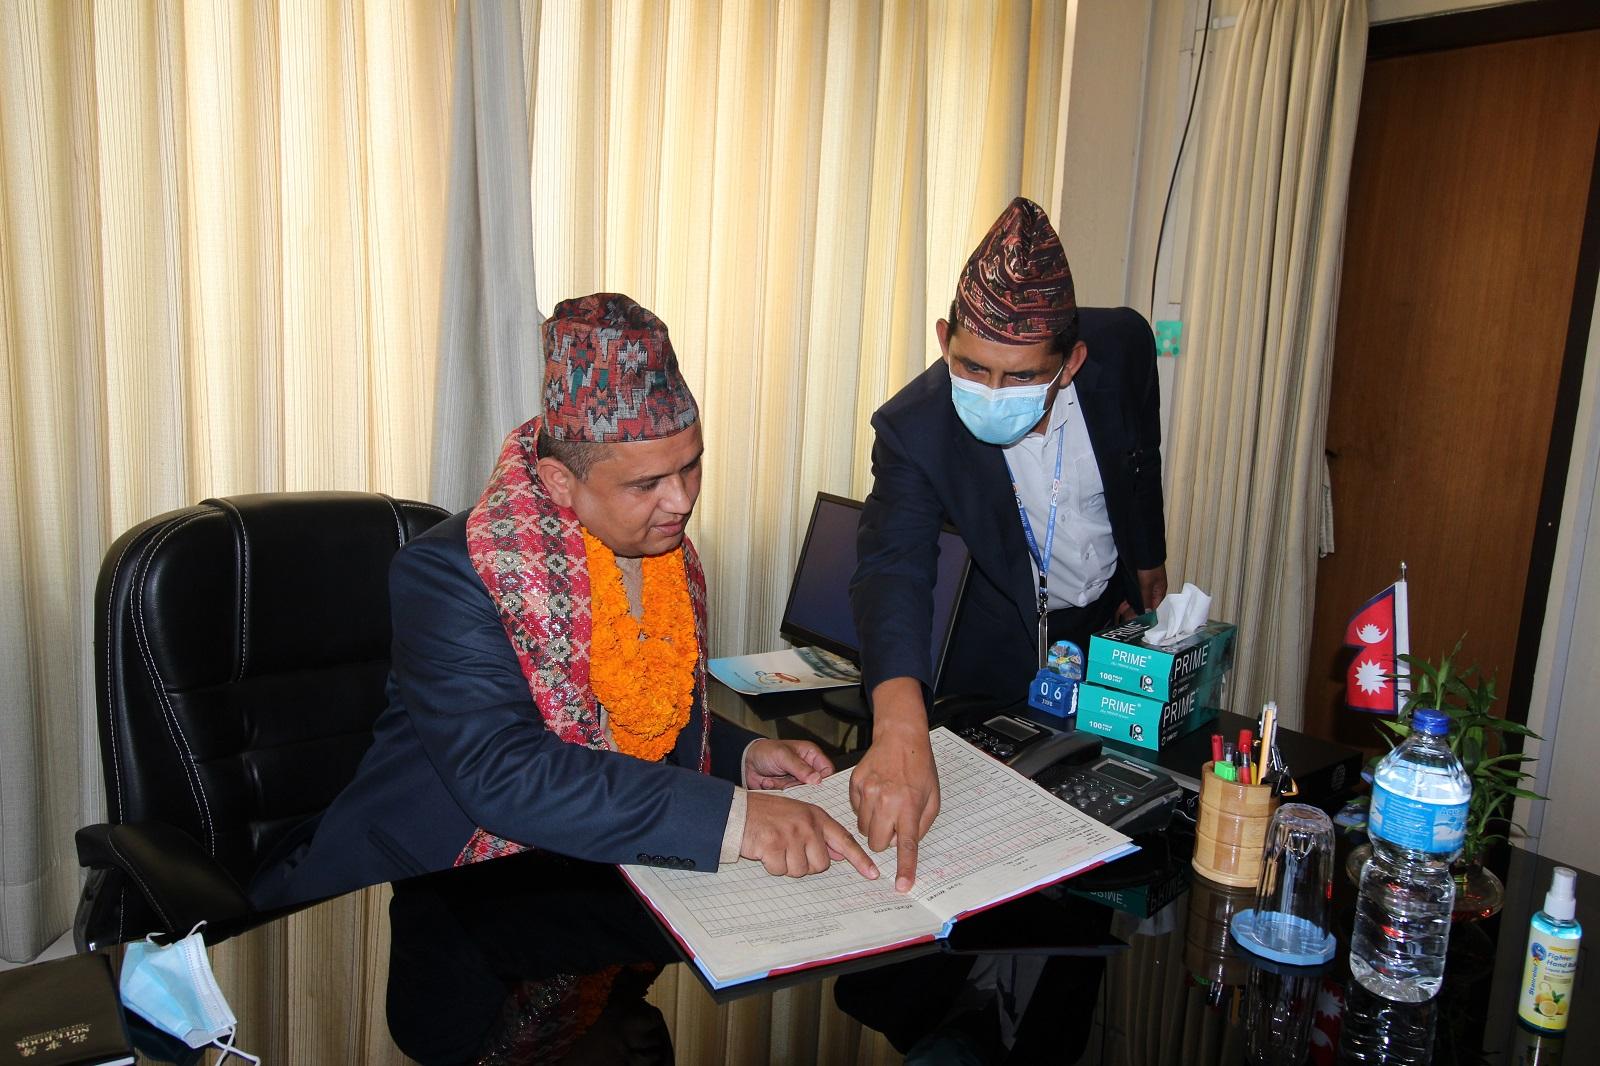 आफ्नो पहिलो हाजिरी गर्दै प्रेस काउन्सिल नेपालका नवनियुक्त अध्यक्ष बालकृष्ण बस्नेत